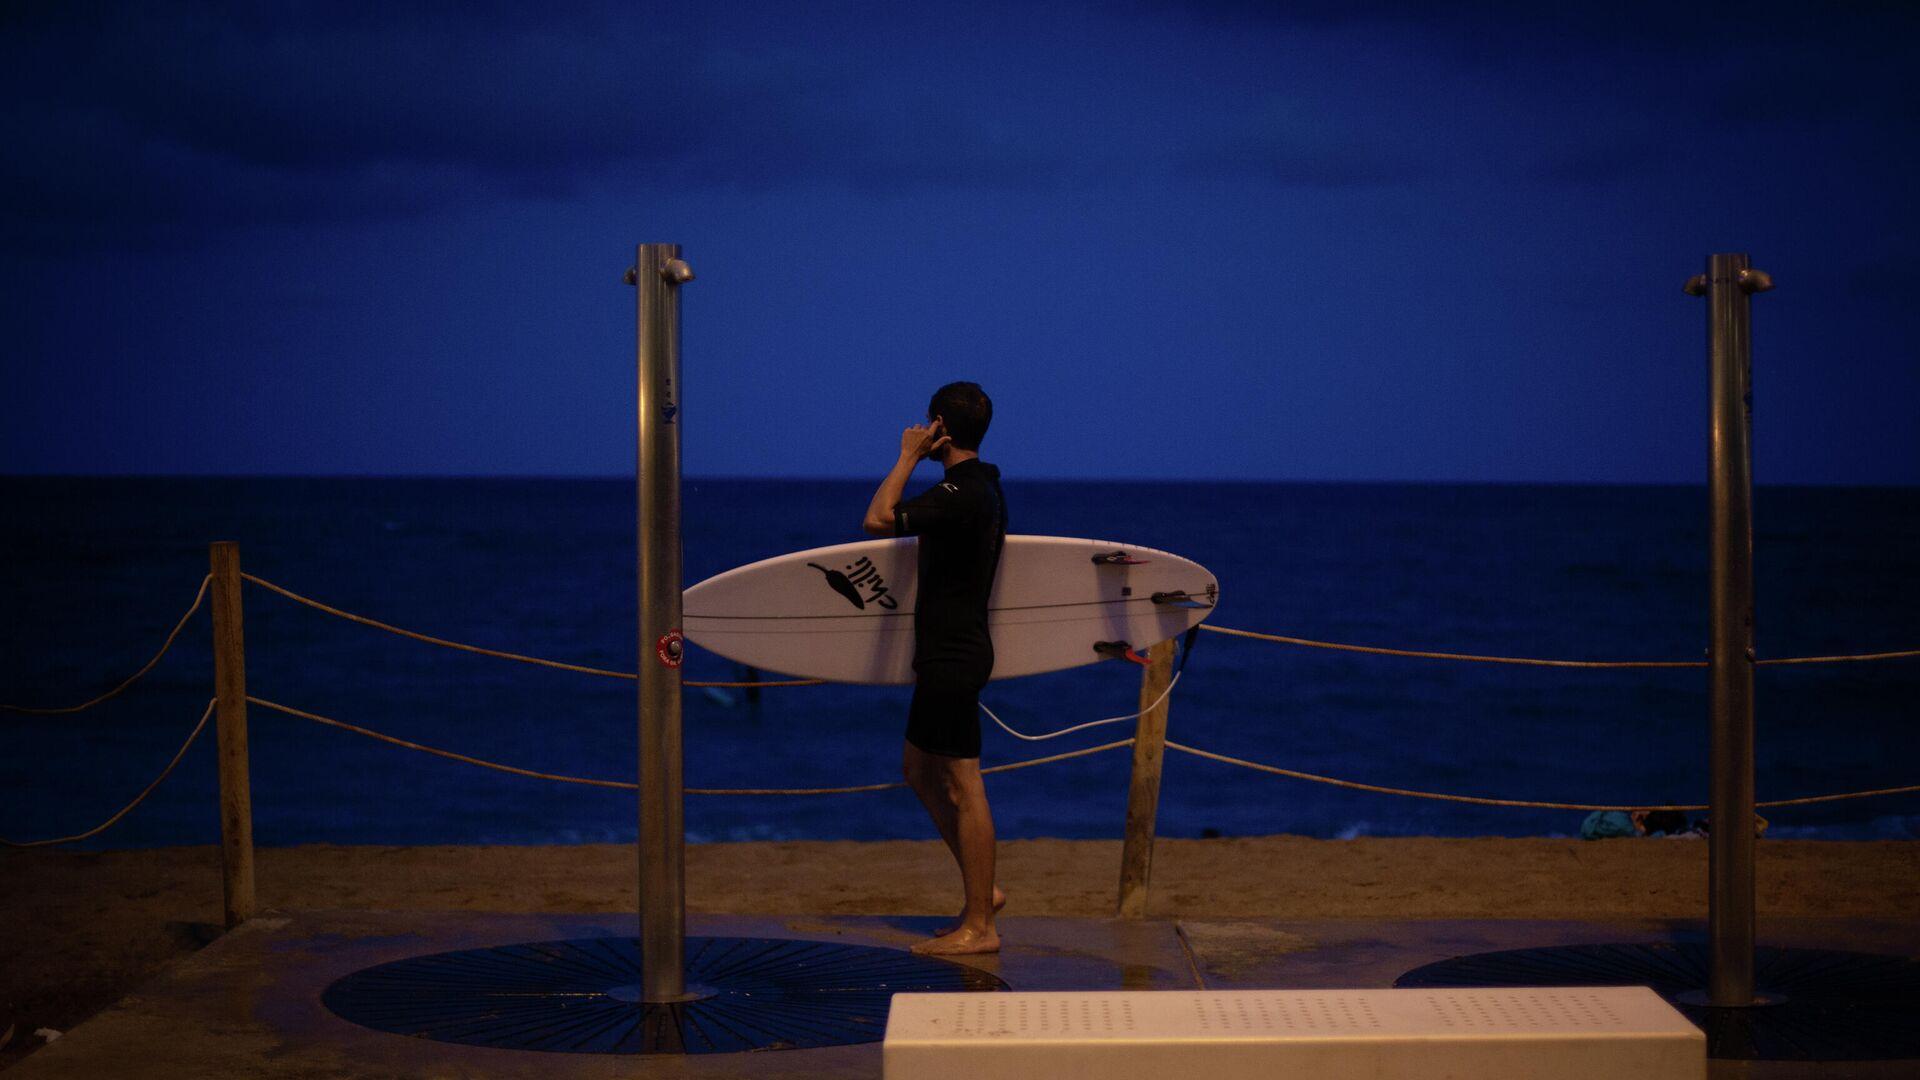 Imagen referencial de un joven que practica surf en una playa. - Sputnik Mundo, 1920, 03.09.2021